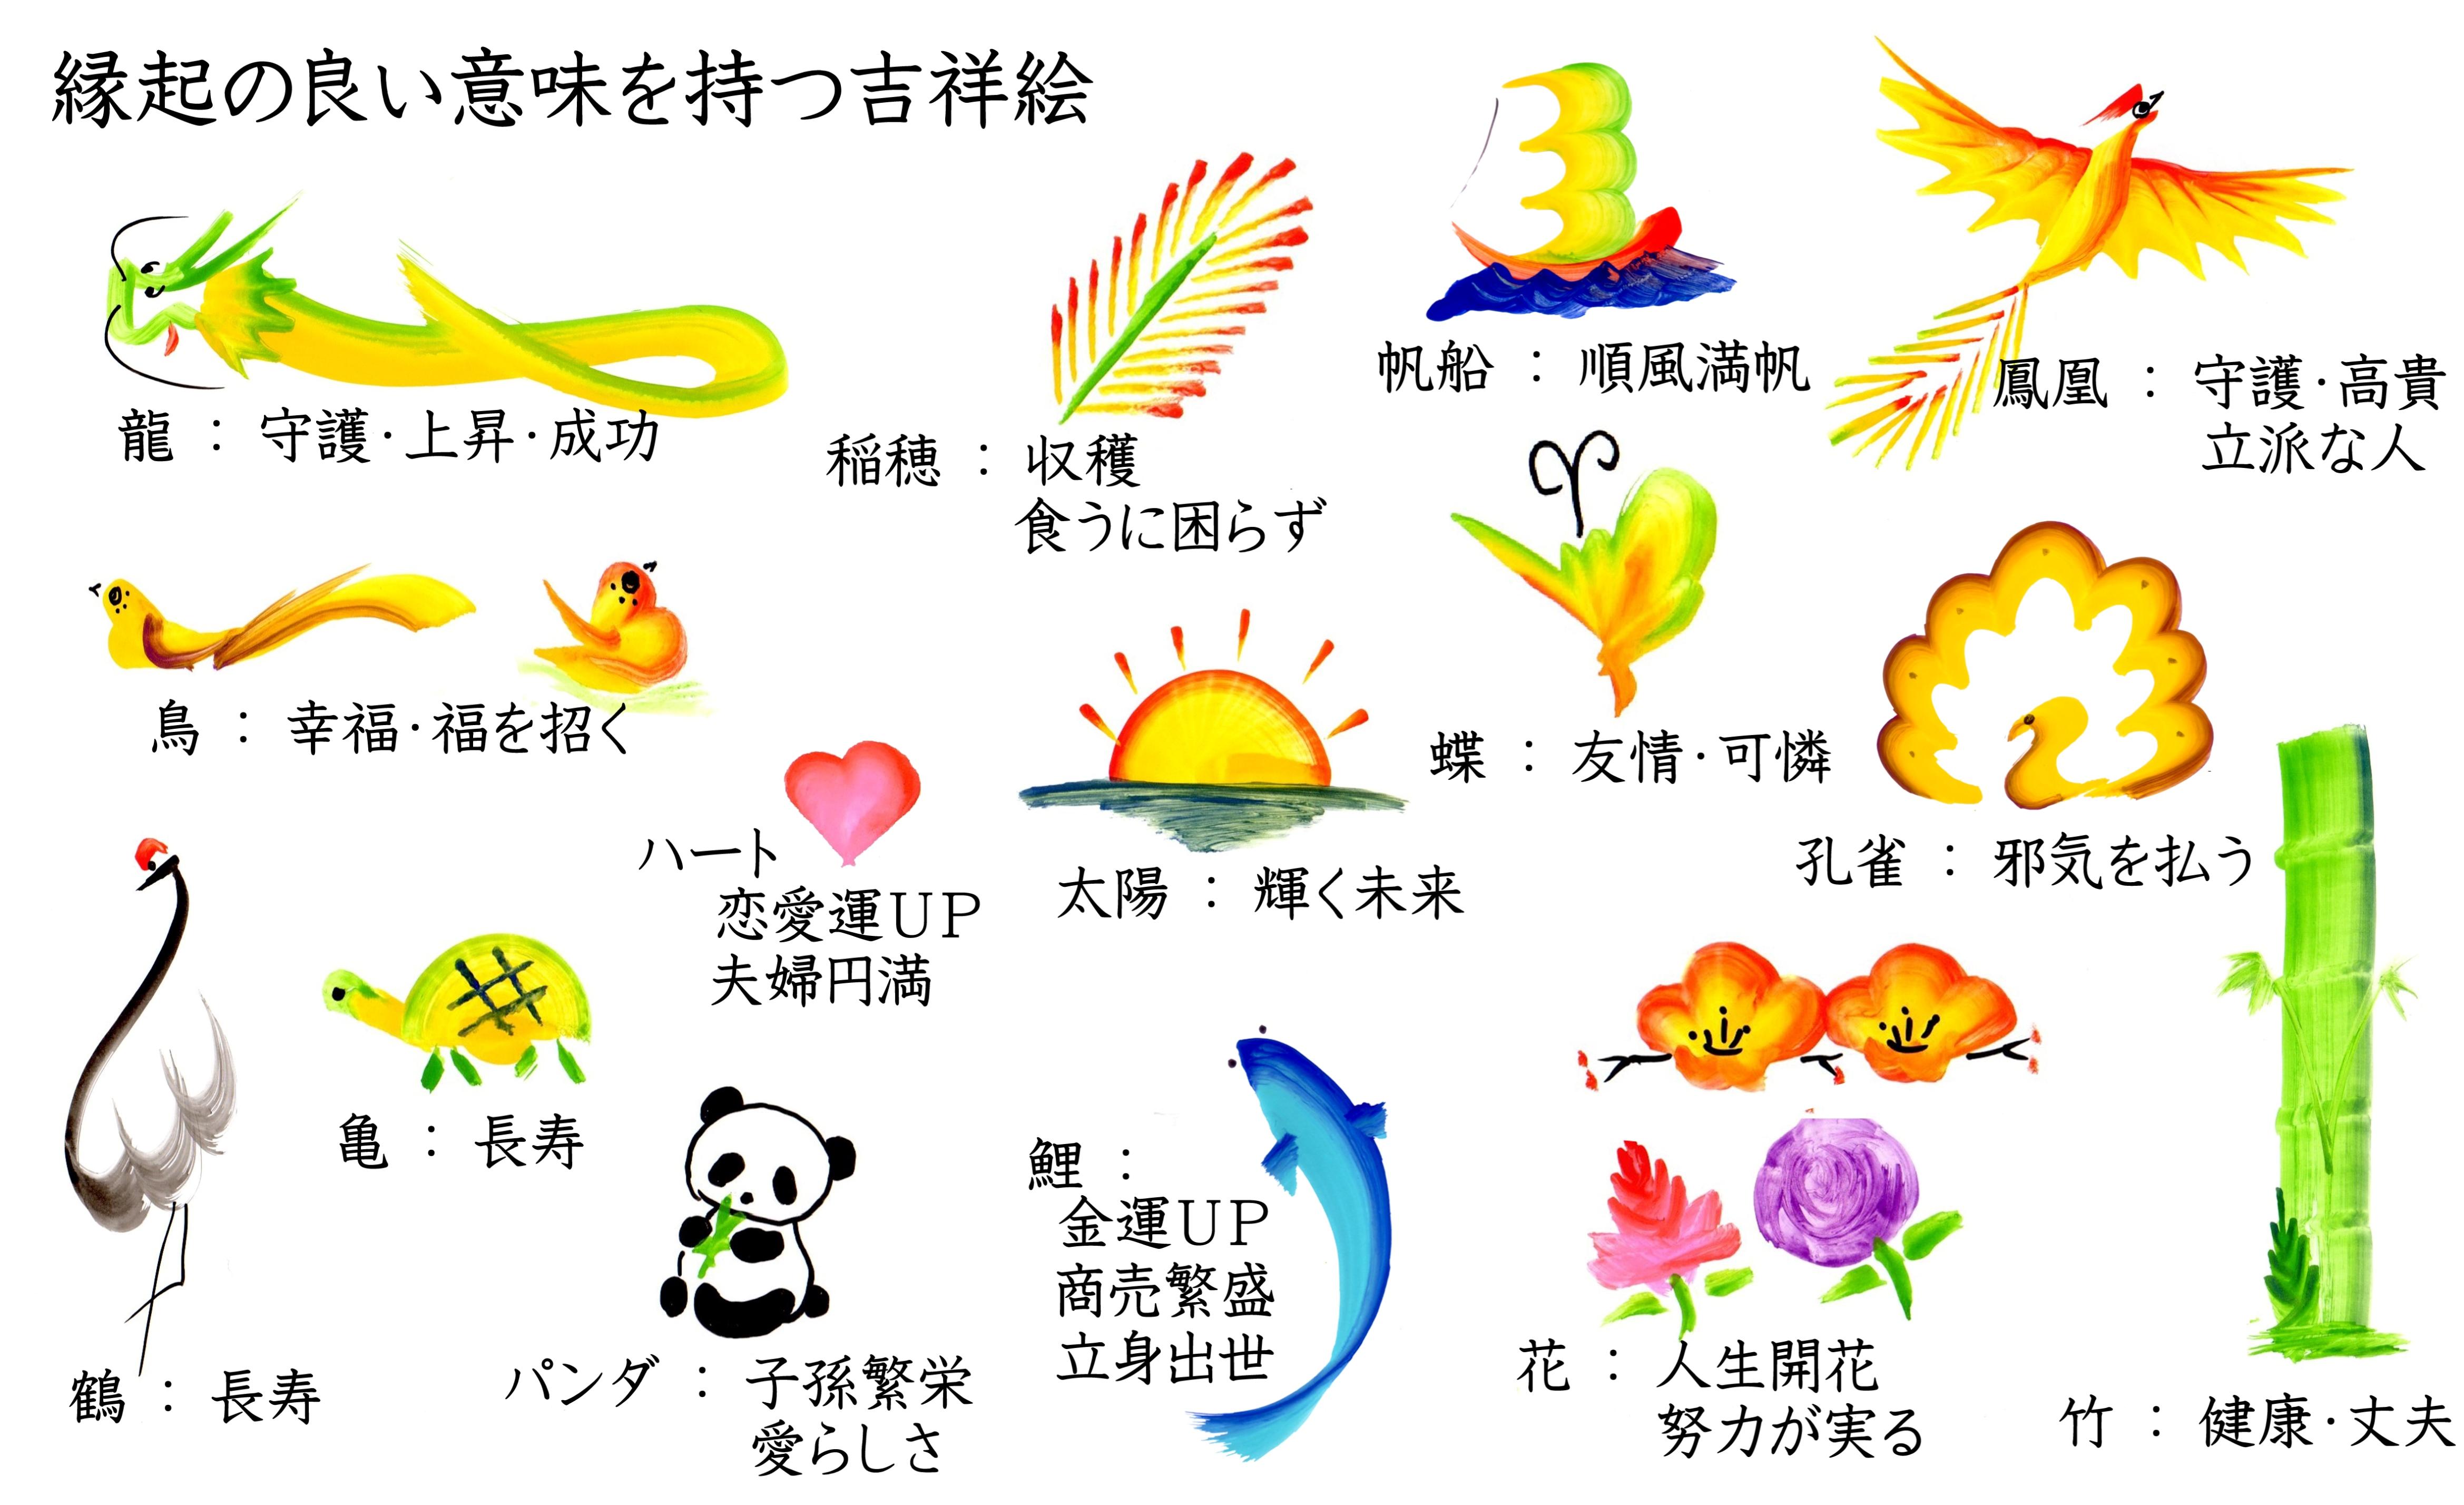 花文字・花文字アートで描く吉祥絵